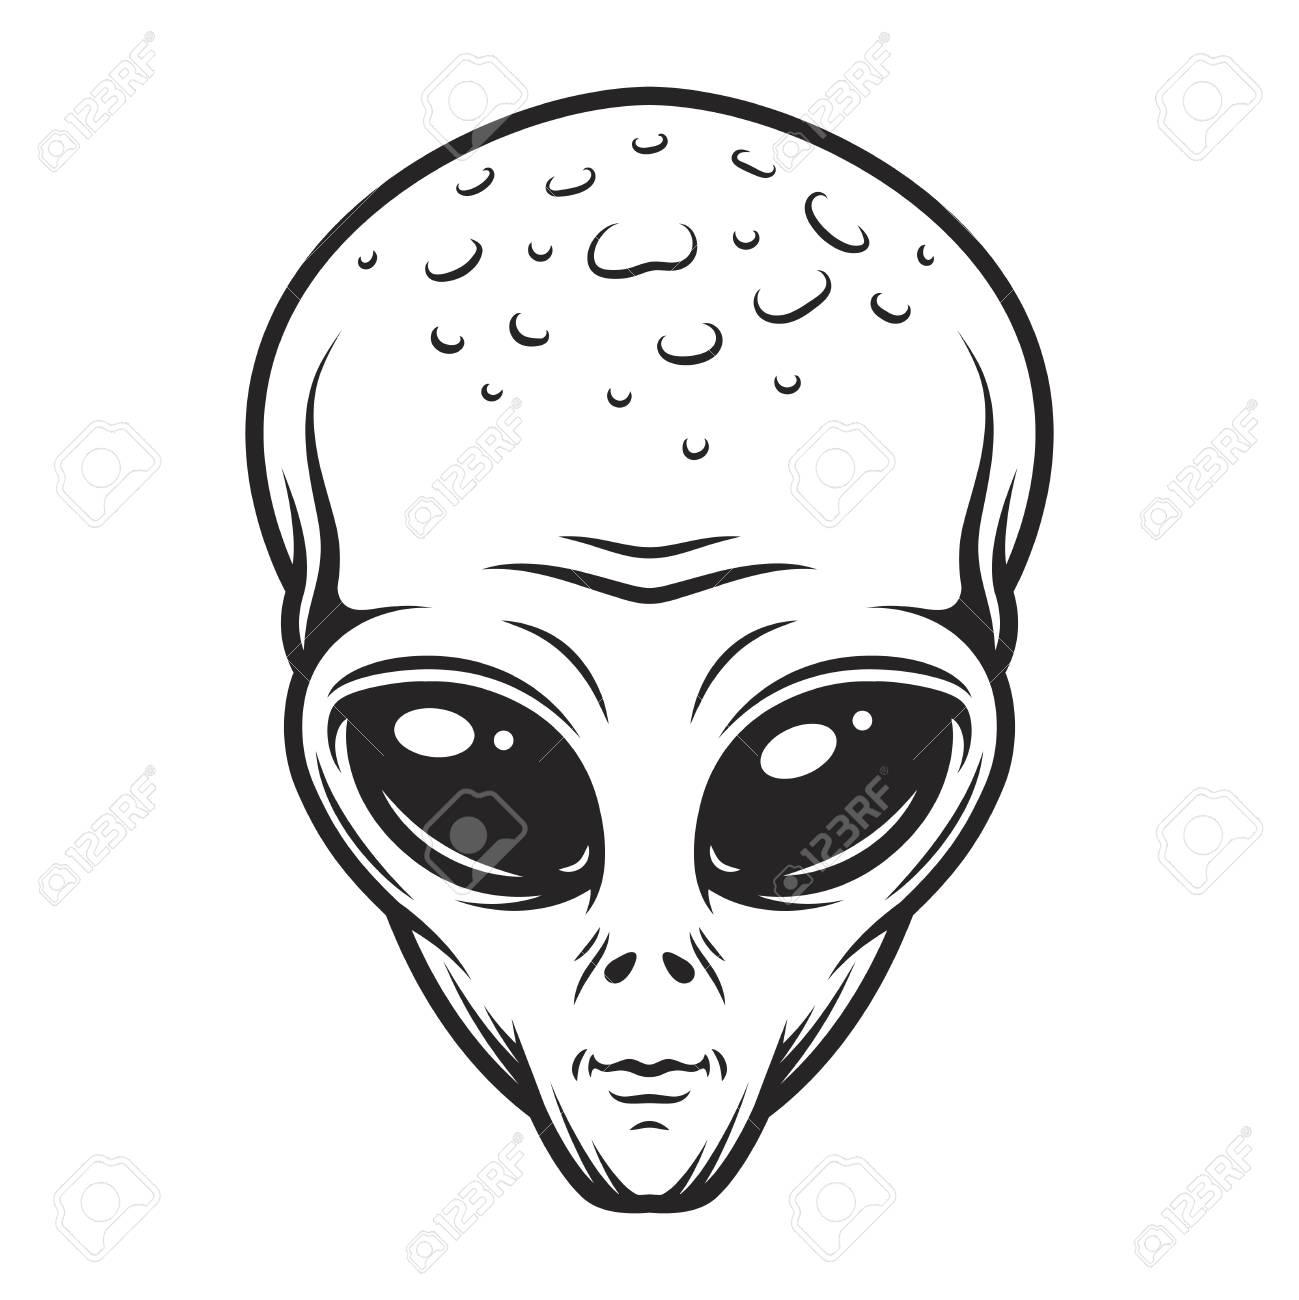 Vintage monochrome alien face concept - 104069969